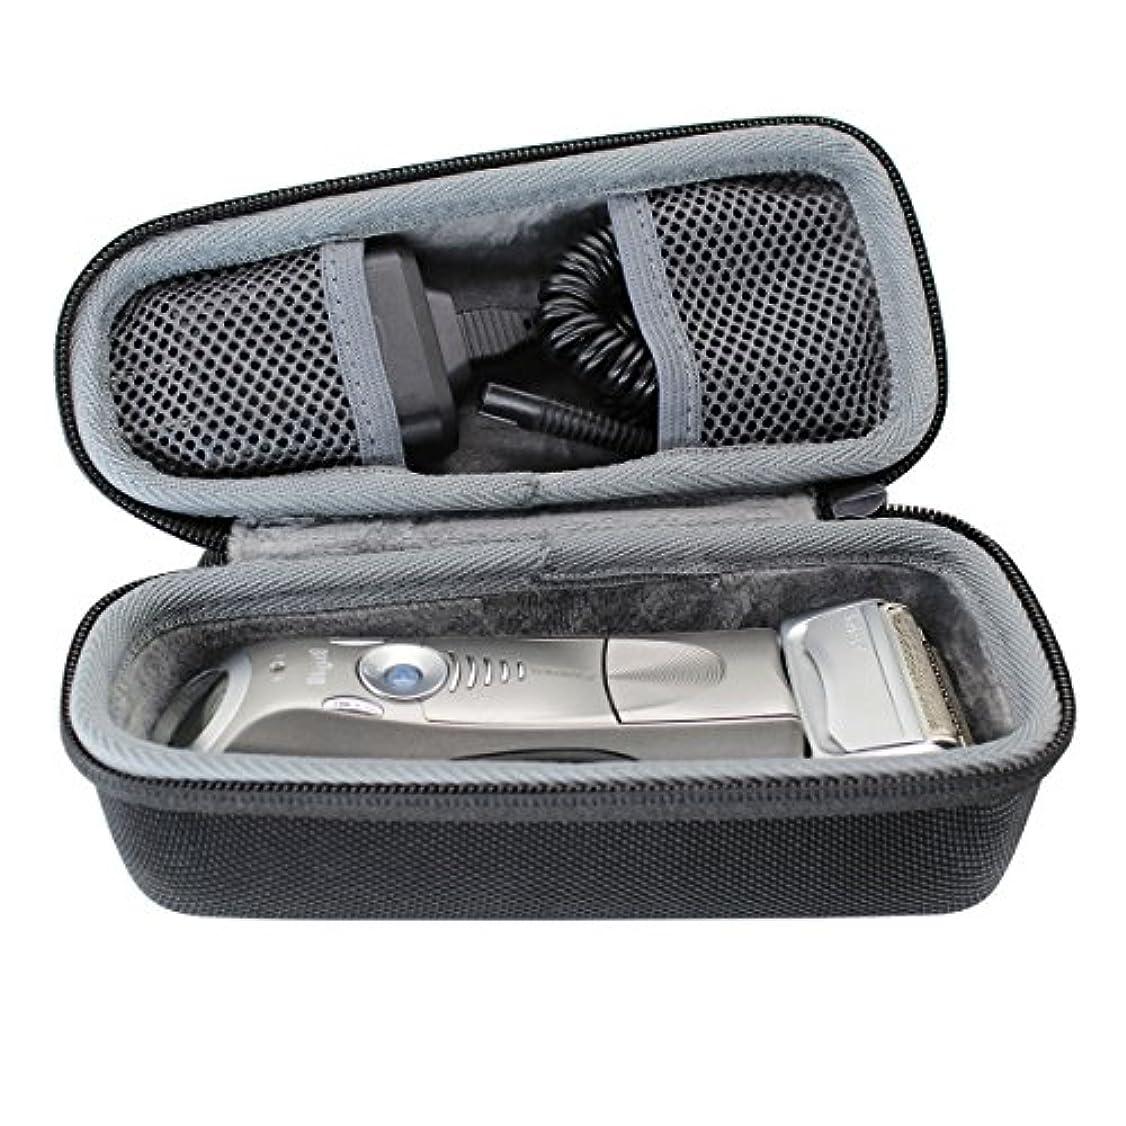 ハードポータブル旅行用ケースブラウン シリーズ5 7 9 メンズ電気シェーバー 5030s 5040s 790cc 9095cc 9292cc-VIVENS